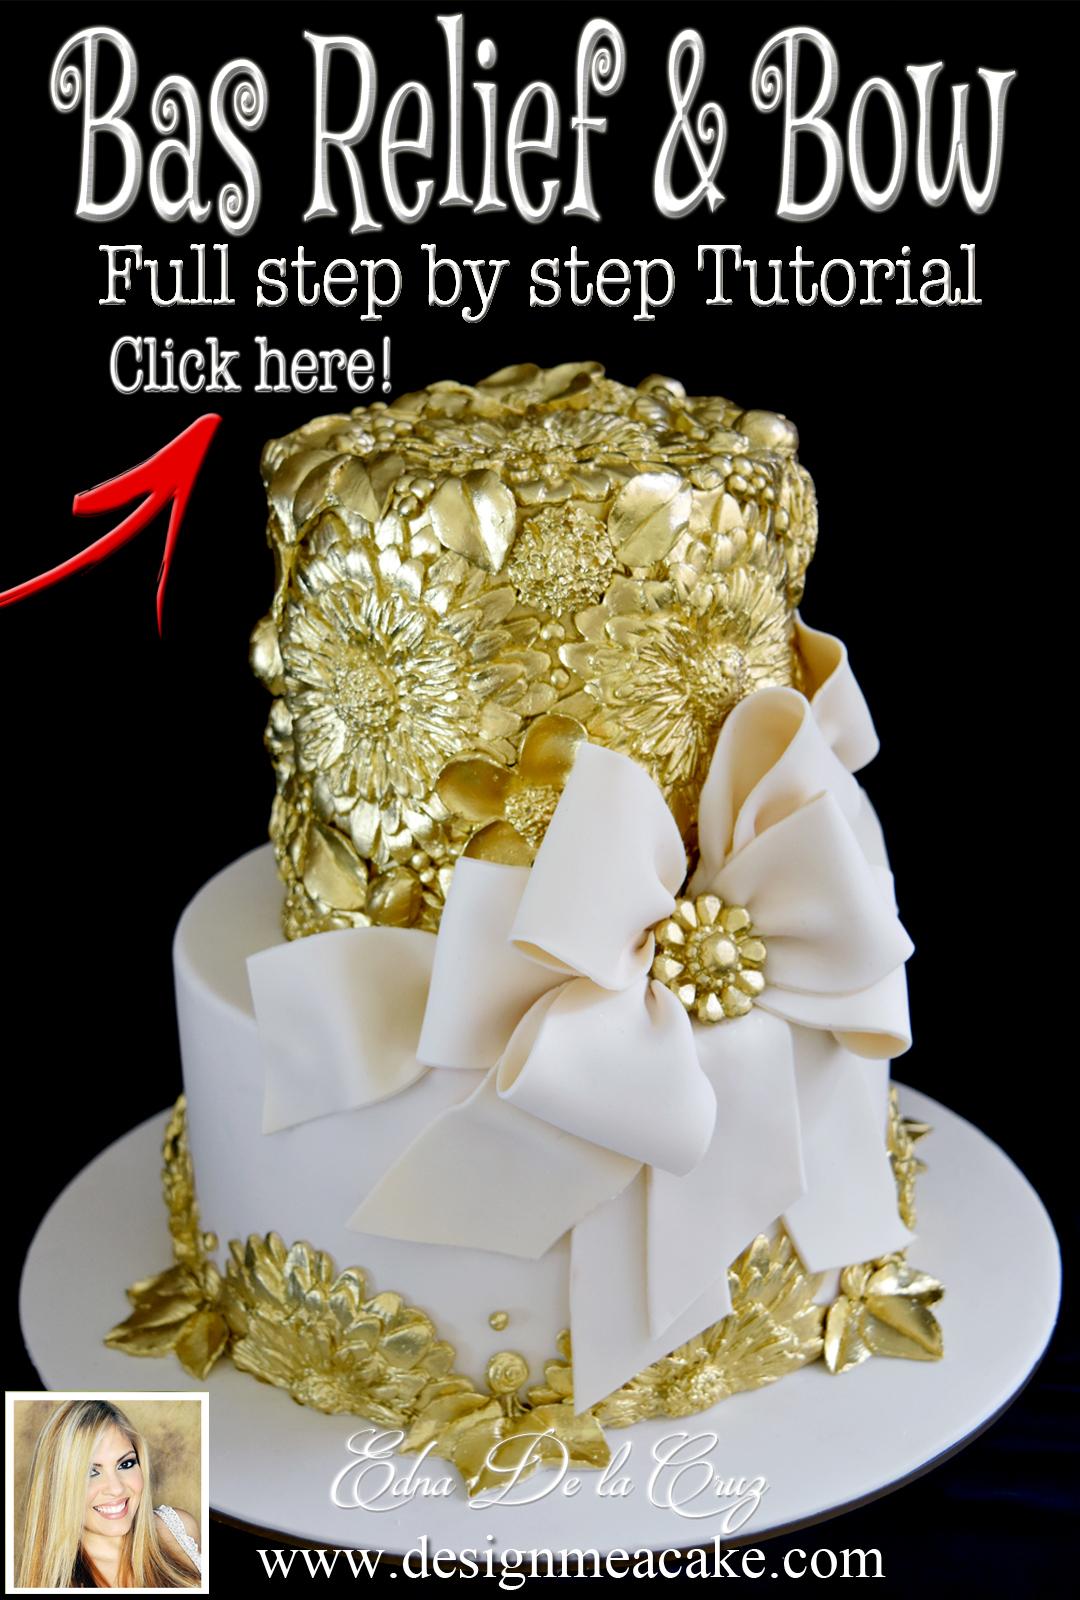 Bas Relief Tutorial | Design Me a Cake